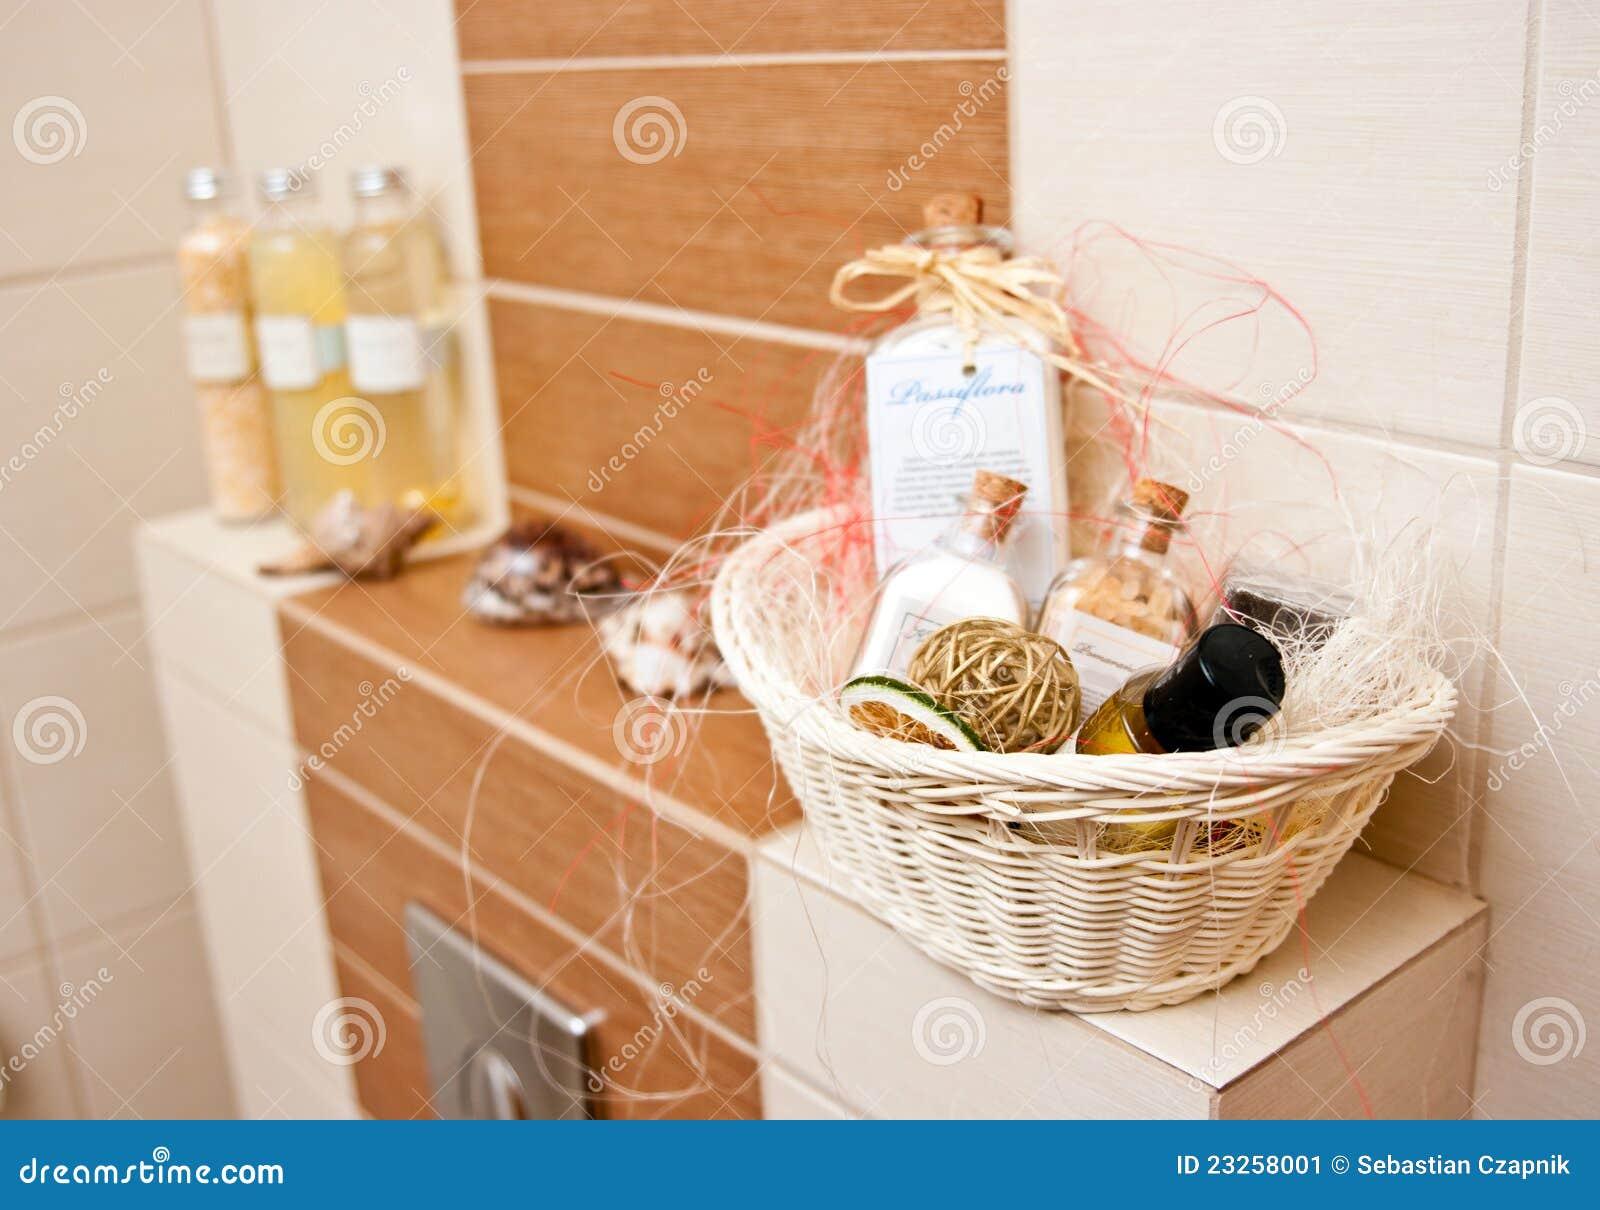 Decorazioni della stanza da bagno immagine stock immagine 23258001 - Decorazioni bagno ...